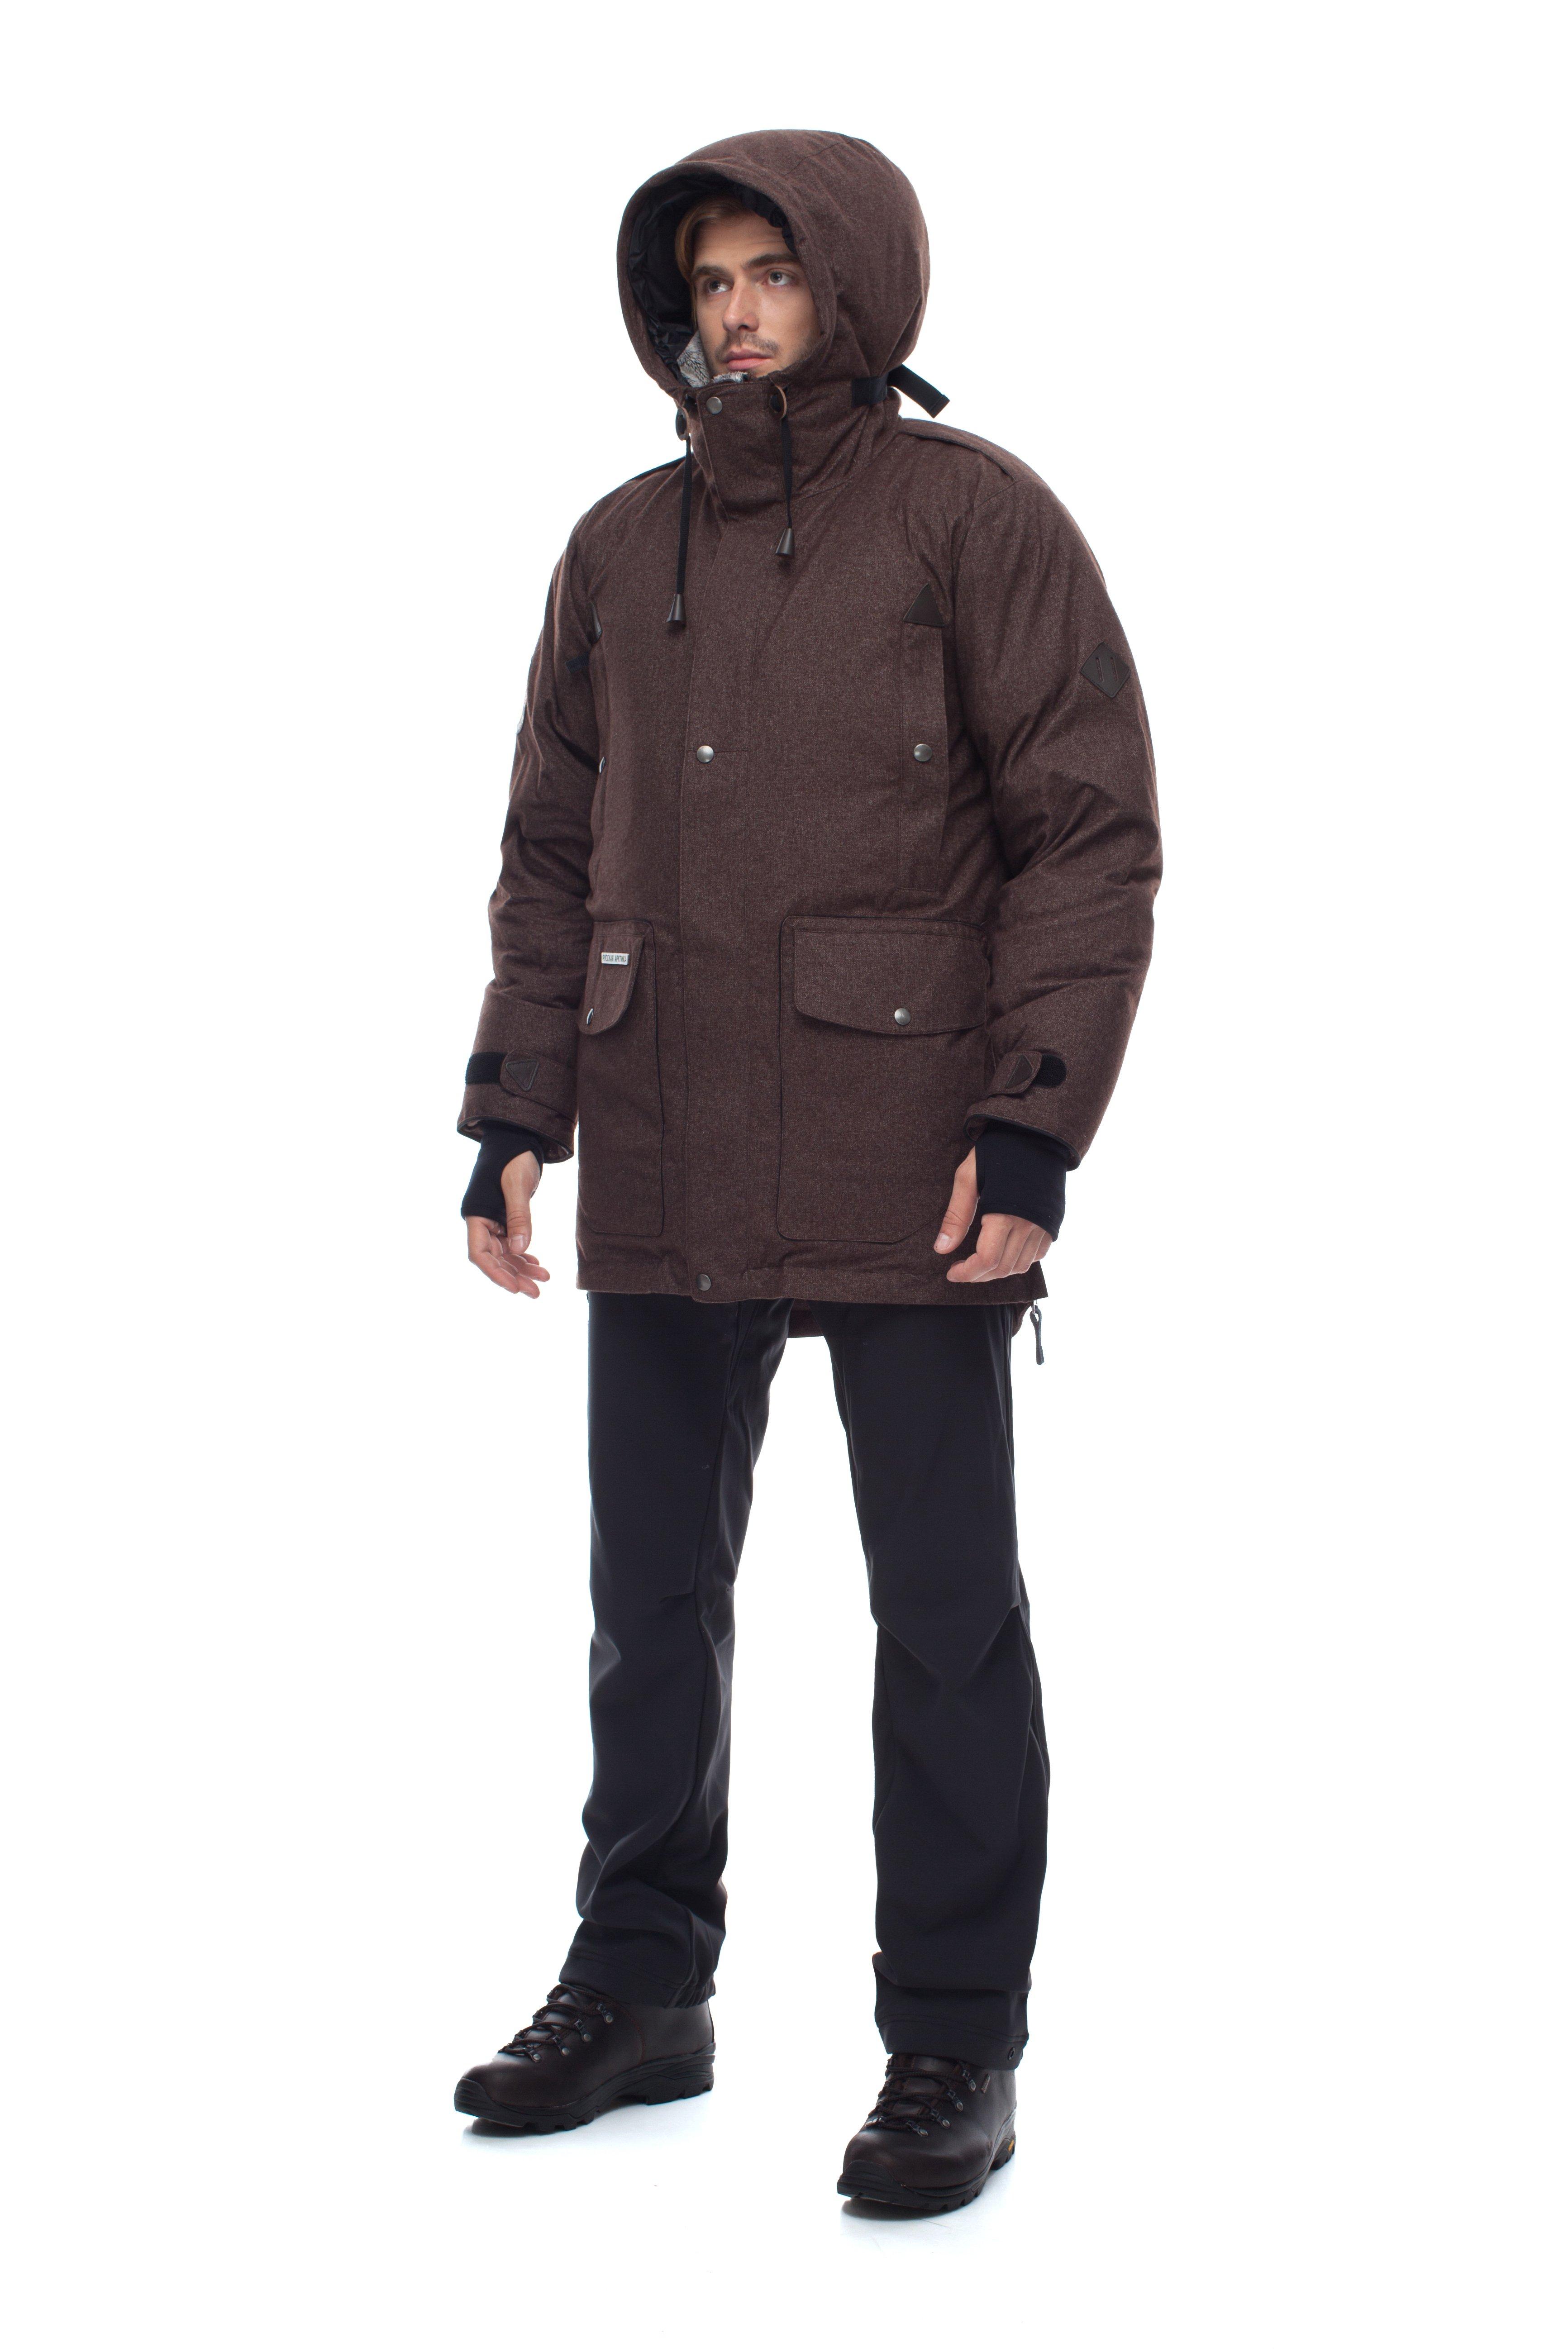 Куртка BASK YENISEY SOFT 1473AКуртки<br><br><br>&quot;Дышащие&quot; свойства: Да<br>Верхняя ткань: Advance® Alaska Melange<br>Вес граммы: 1650<br>Вес утеплителя: 400<br>Ветро-влагозащитные свойства верхней ткани: Да<br>Ветрозащитная планка: Да<br>Ветрозащитная юбка: Нет<br>Влагозащитные молнии: Нет<br>Внутренние манжеты: Да<br>Внутренняя ткань: Advance® Classic<br>Водонепроницаемость: 5000<br>Дублирующий центральную молнию клапан: Да<br>Защитный козырёк капюшона: Нет<br>Капюшон: Несъемный<br>Карман для средств связи: Нет<br>Количество внешних карманов: 8<br>Количество внутренних карманов: 2<br>Коллекция: Pole to Pole<br>Мембрана: Да<br>Объемный крой локтевой зоны: Нет<br>Отстёгивающиеся рукава: Нет<br>Паропроницаемость: 5000<br>Пол: Мужской<br>Проклейка швов: Нет<br>Регулировка манжетов рукавов: Да<br>Регулировка низа: Нет<br>Регулировка объёма капюшона: Да<br>Регулировка талии: Да<br>Регулируемые вентиляционные отверстия: Нет<br>Световозвращающая лента: Нет<br>Температурный режим: -35<br>Технология Thermal Welding: Нет<br>Технология швов: Простые<br>Тип молнии: Двухзамковая<br>Тип утеплителя: Синтетический<br>Ткань усиления: Нет<br>Усиление контактных зон: Нет<br>Утеплитель: Shelter®Sport<br>Размер RU: 46<br>Цвет: ЧЕРНЫЙ